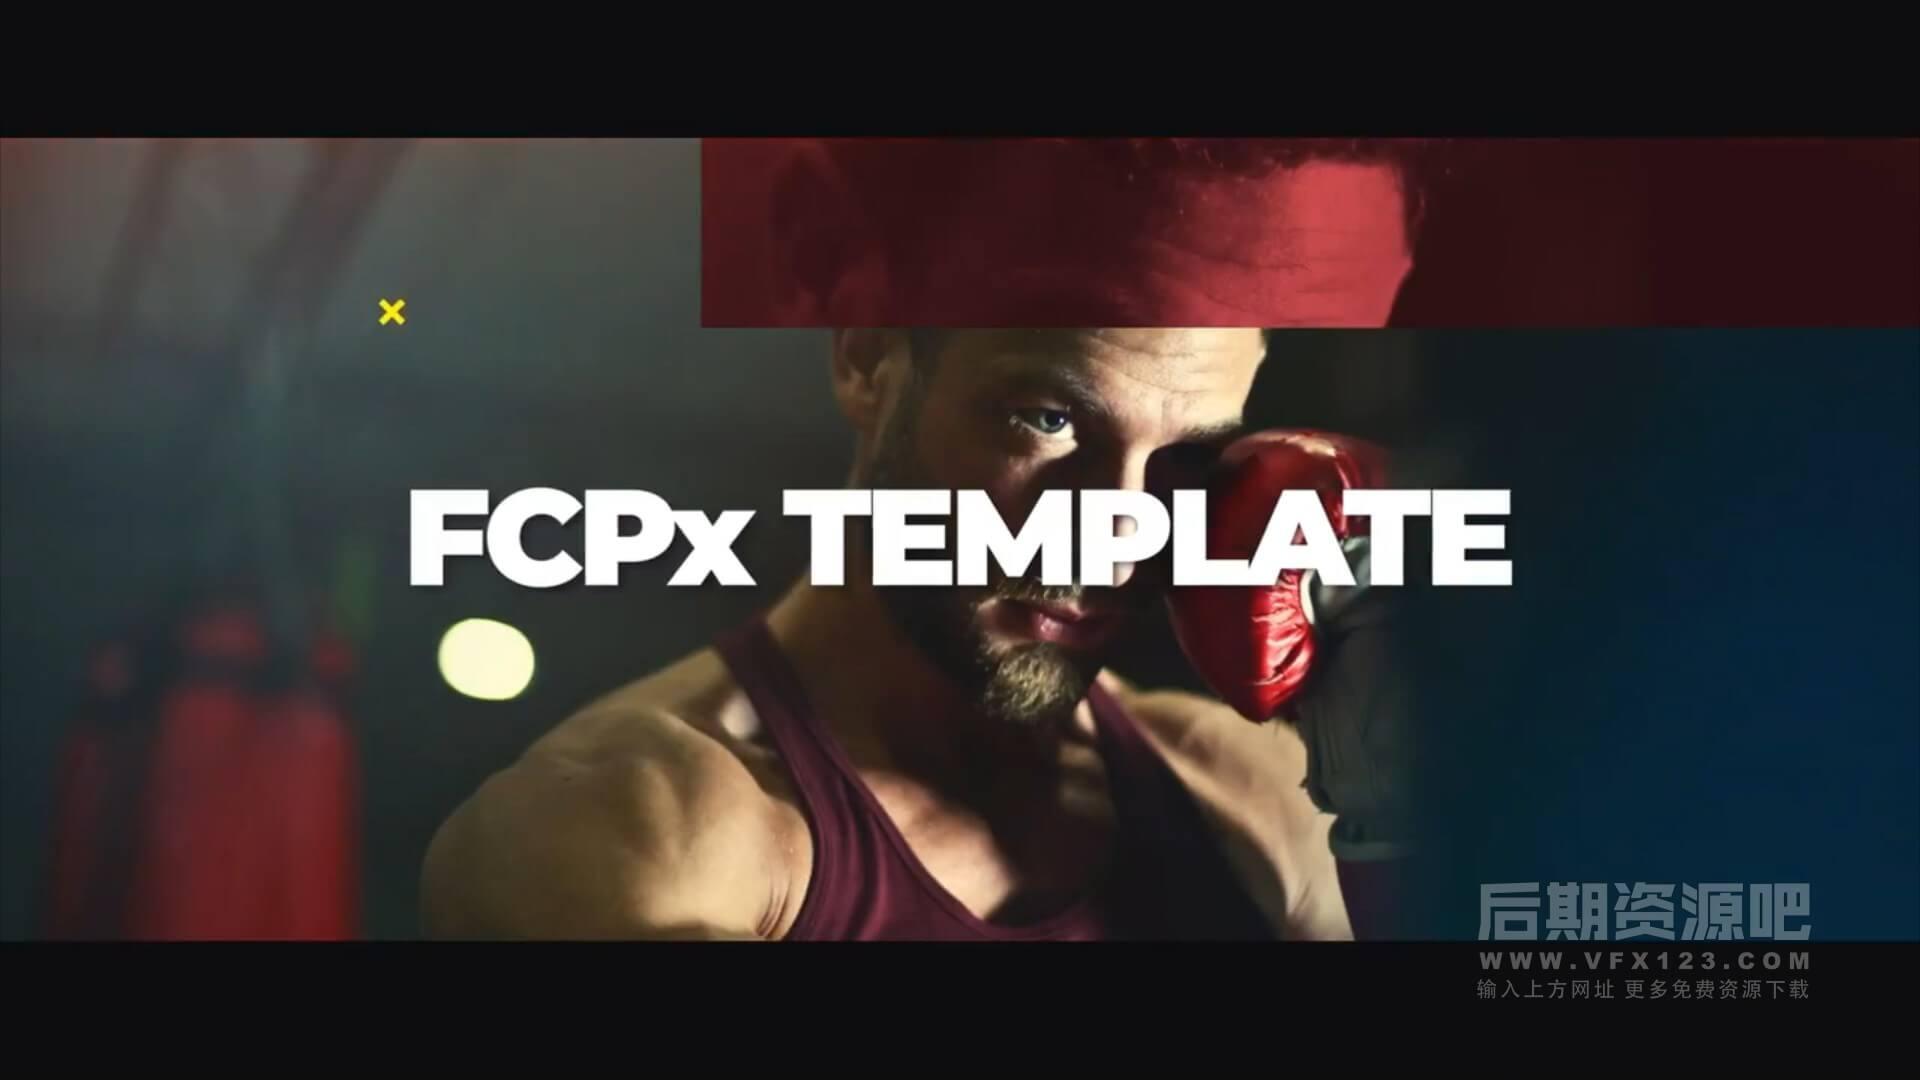 fcpx主题模板 故障干扰特效快节奏体育竞技宣传片头 Glitch Sport